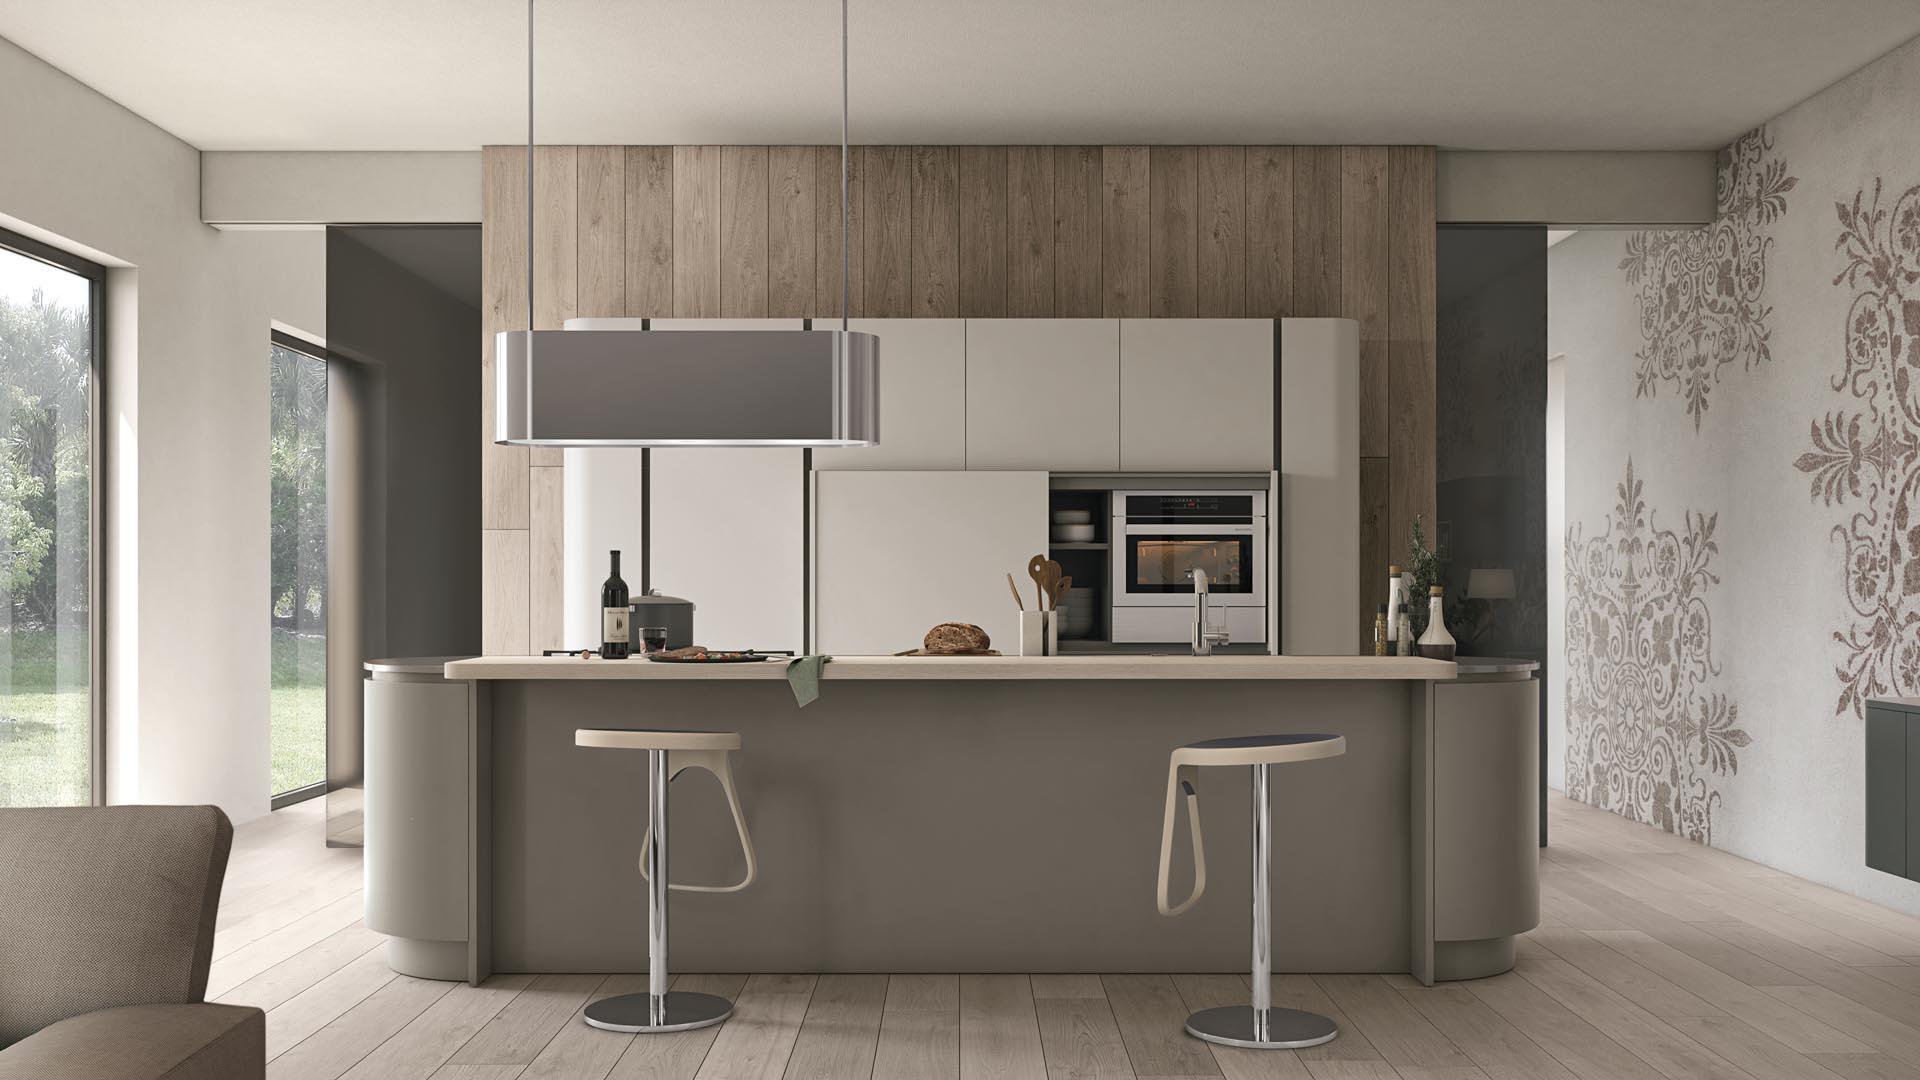 Colori per la cucina | Lube Store Milano - Le Cucine Lube & Creo a ...